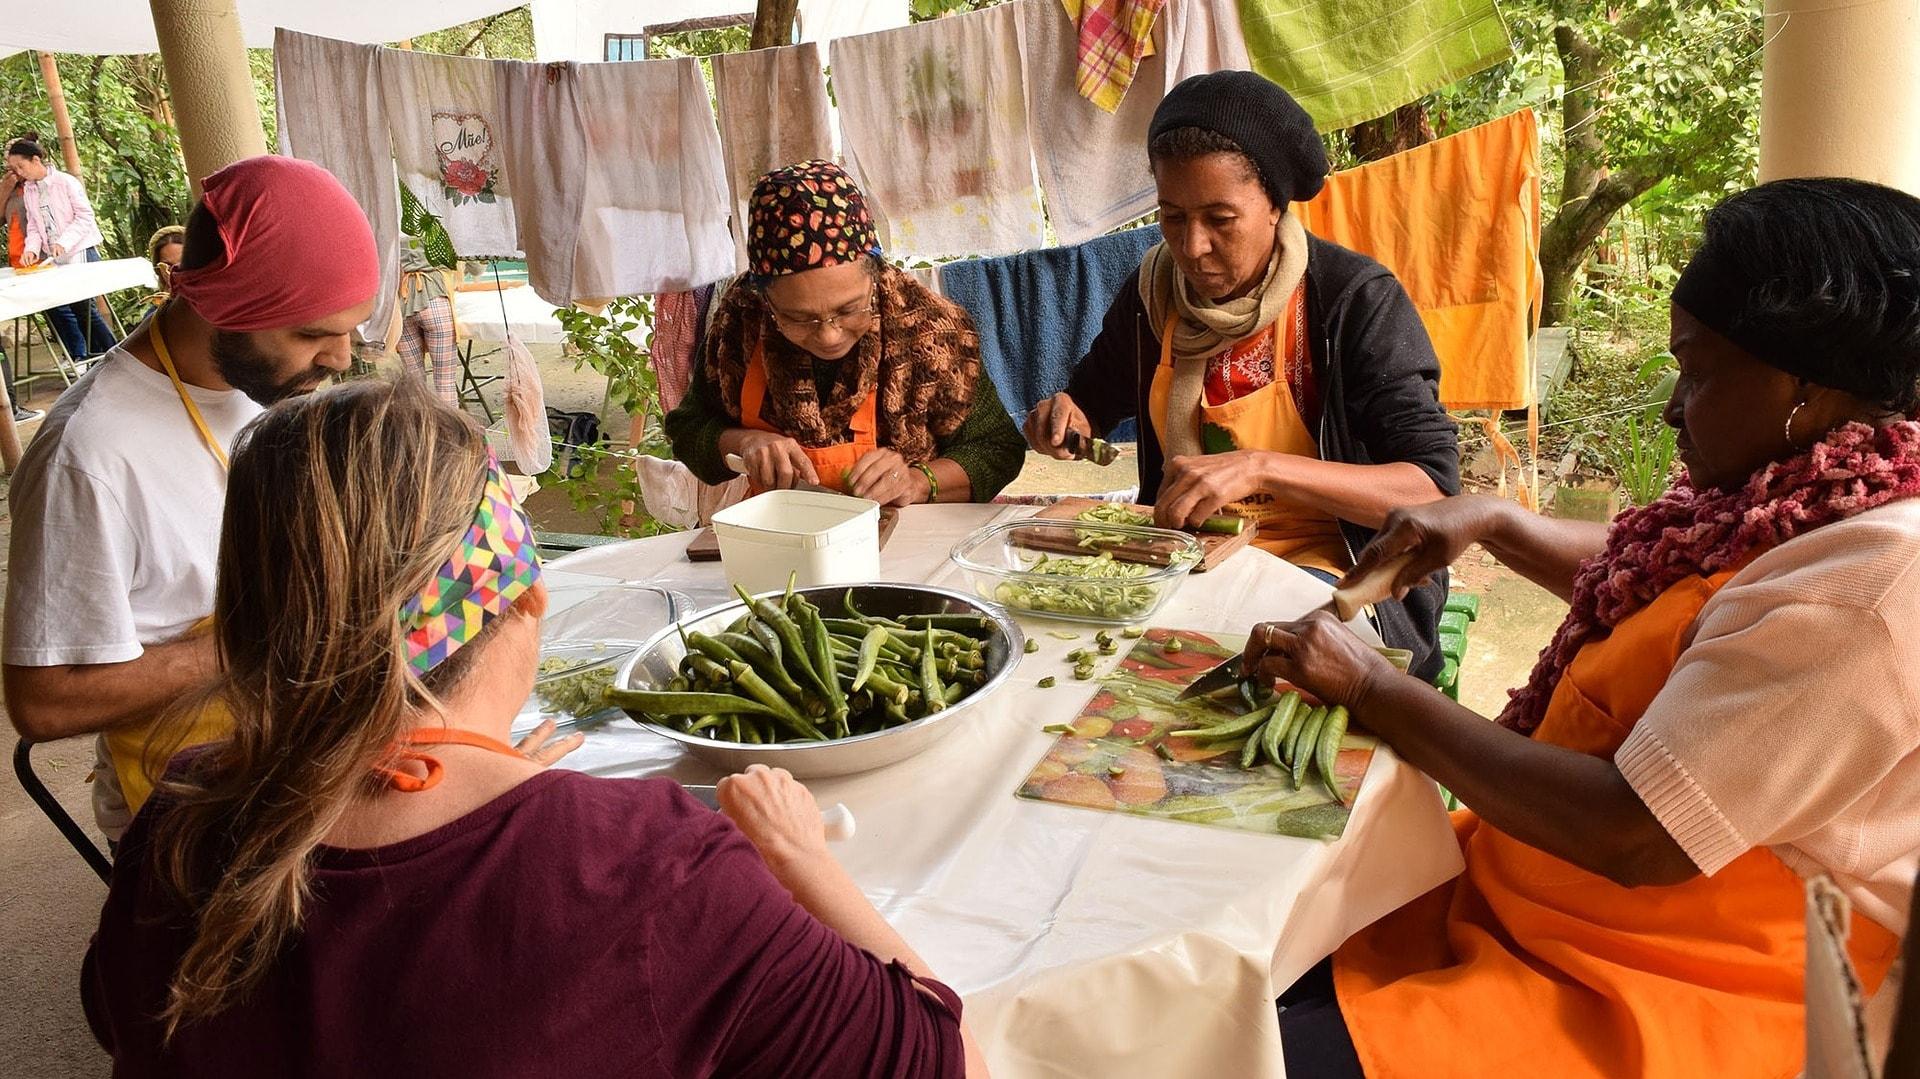 Gemeinsam mit den Einheimischen Kochen macht am meisten Spaß